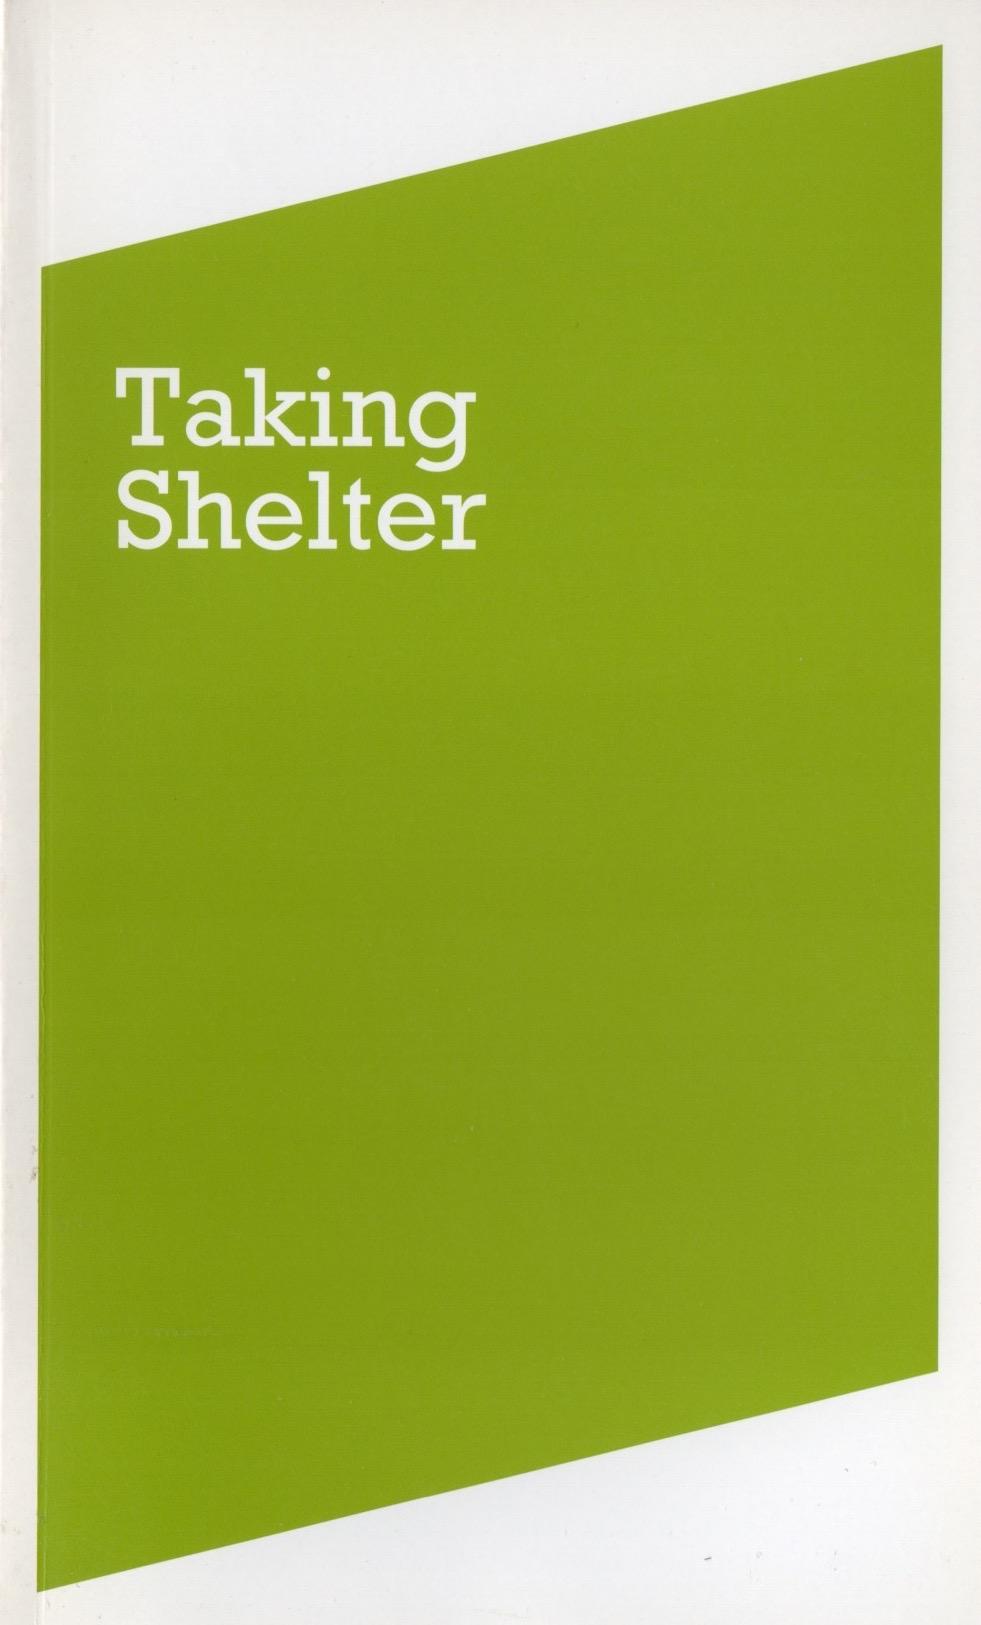 Taking Shelter.jpeg